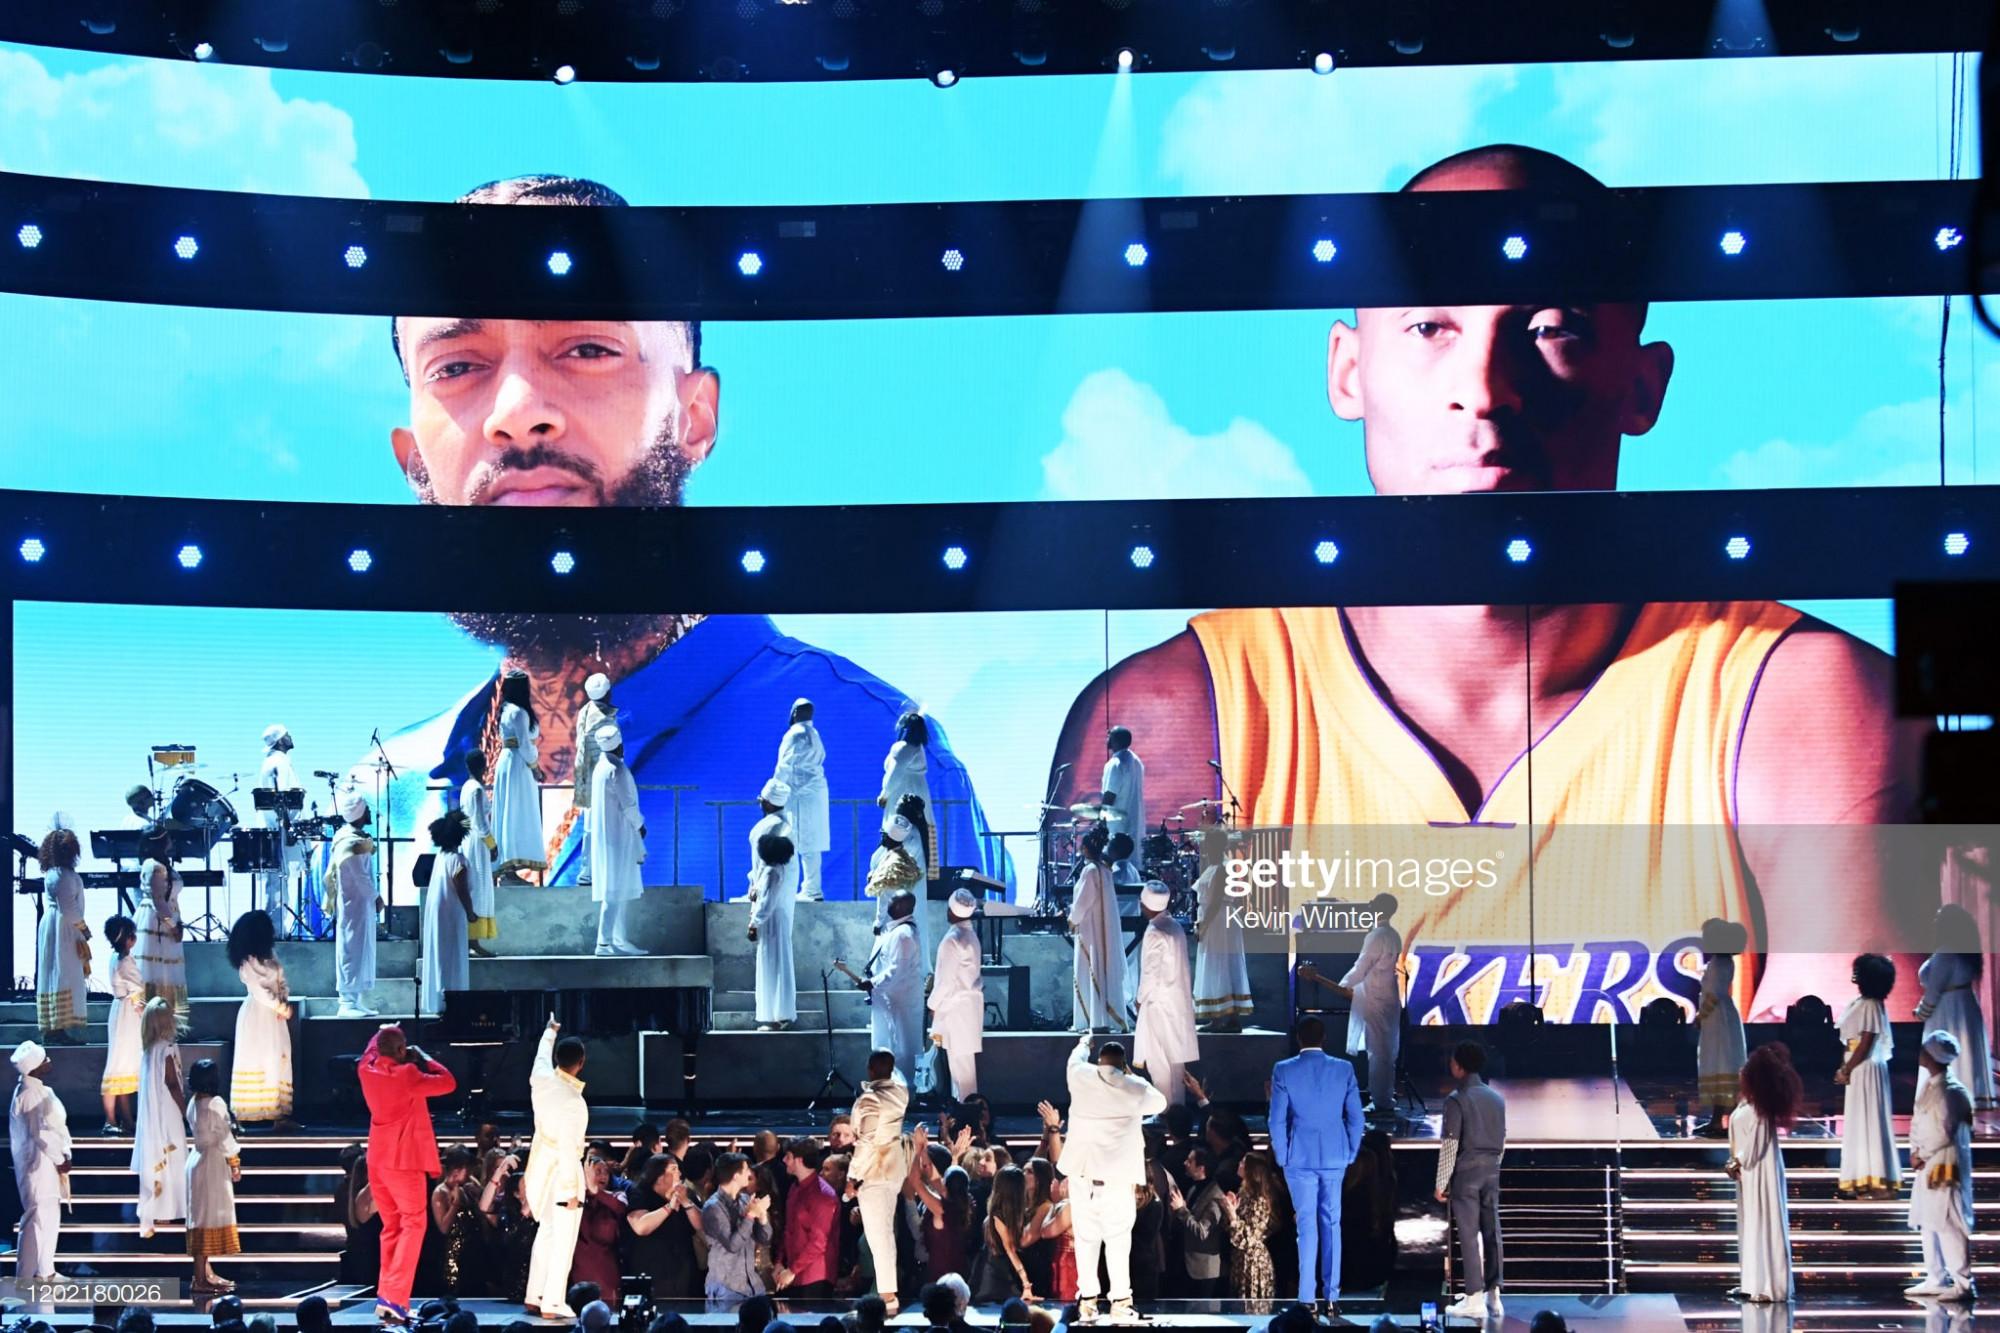 Grammy 2020 tưởng nhớ 2 người nổi tiếng rapper và huyền thoại bóng rổ